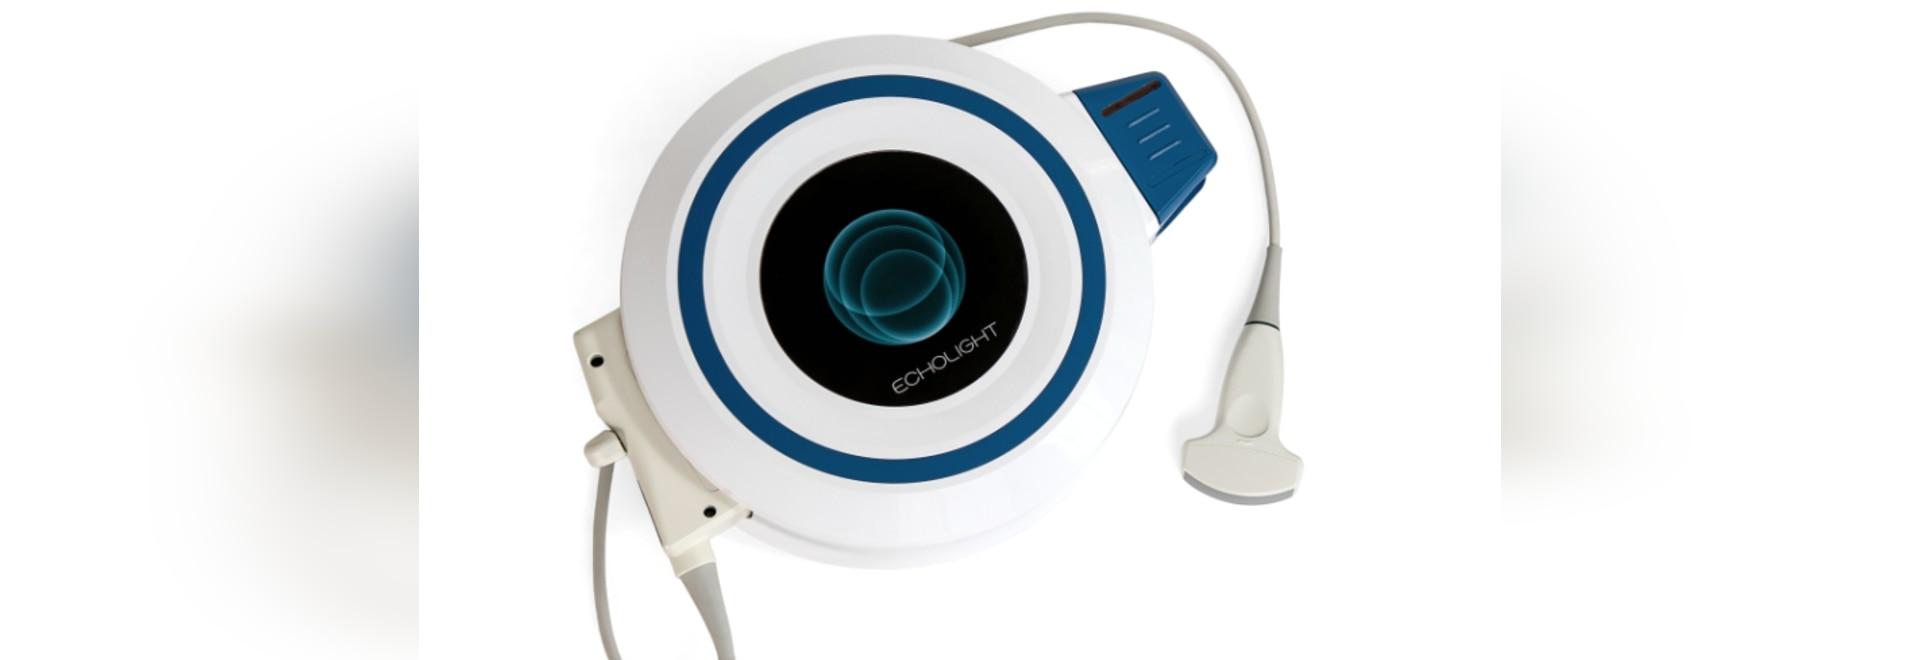 Ultraschallknochenschwärzungsmesser/für Schenkelhalsprüfung/für Hüftenprüfung/für Prüfung der lumbalen Wirbel